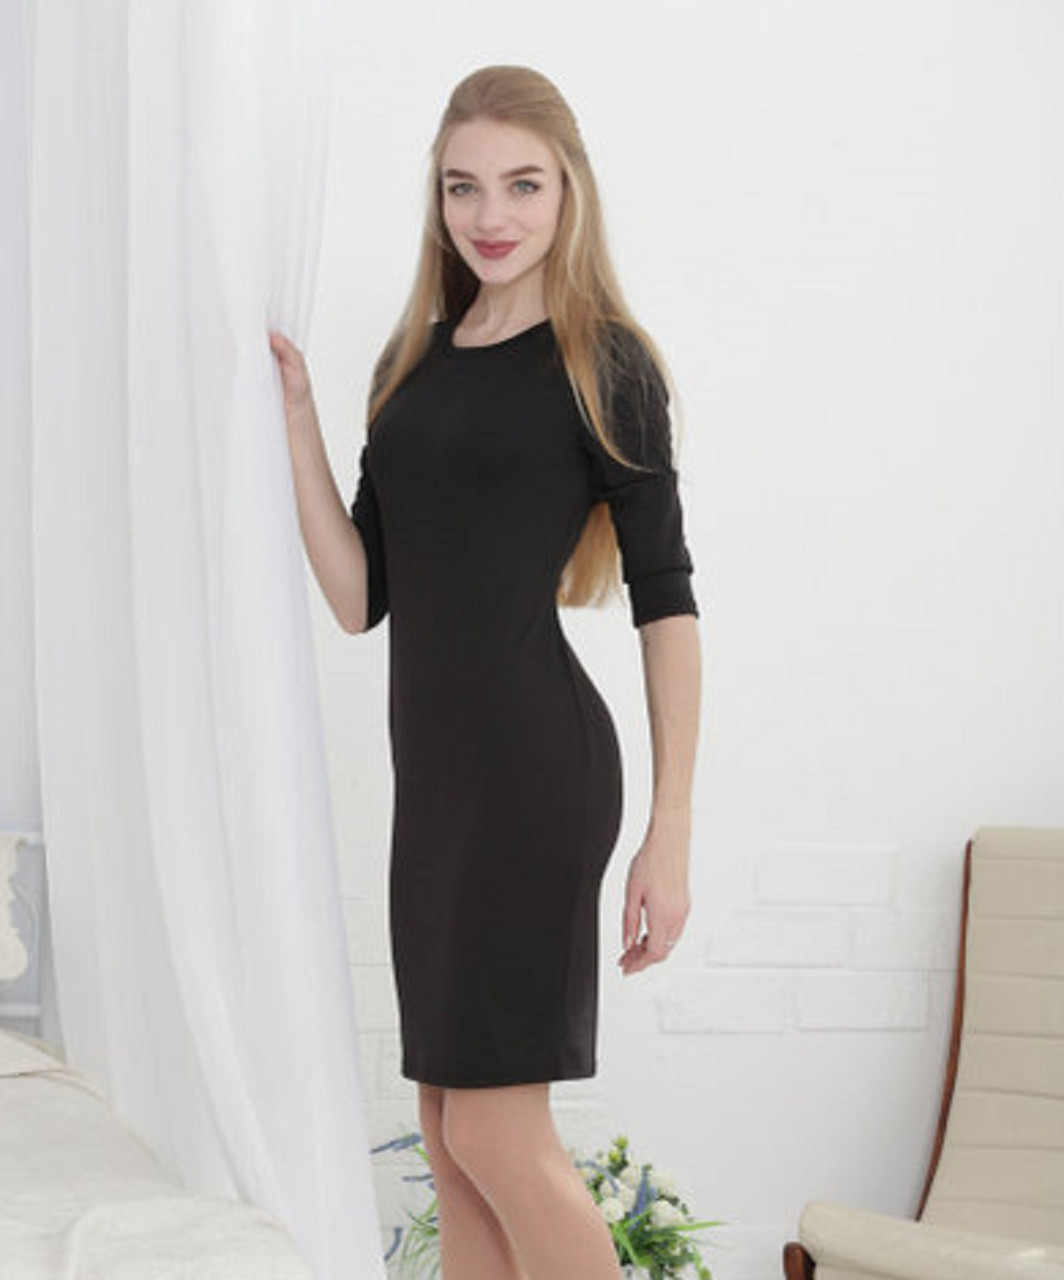 c758a8791f6 Элегантное приталенное платье для самых стильных девушек